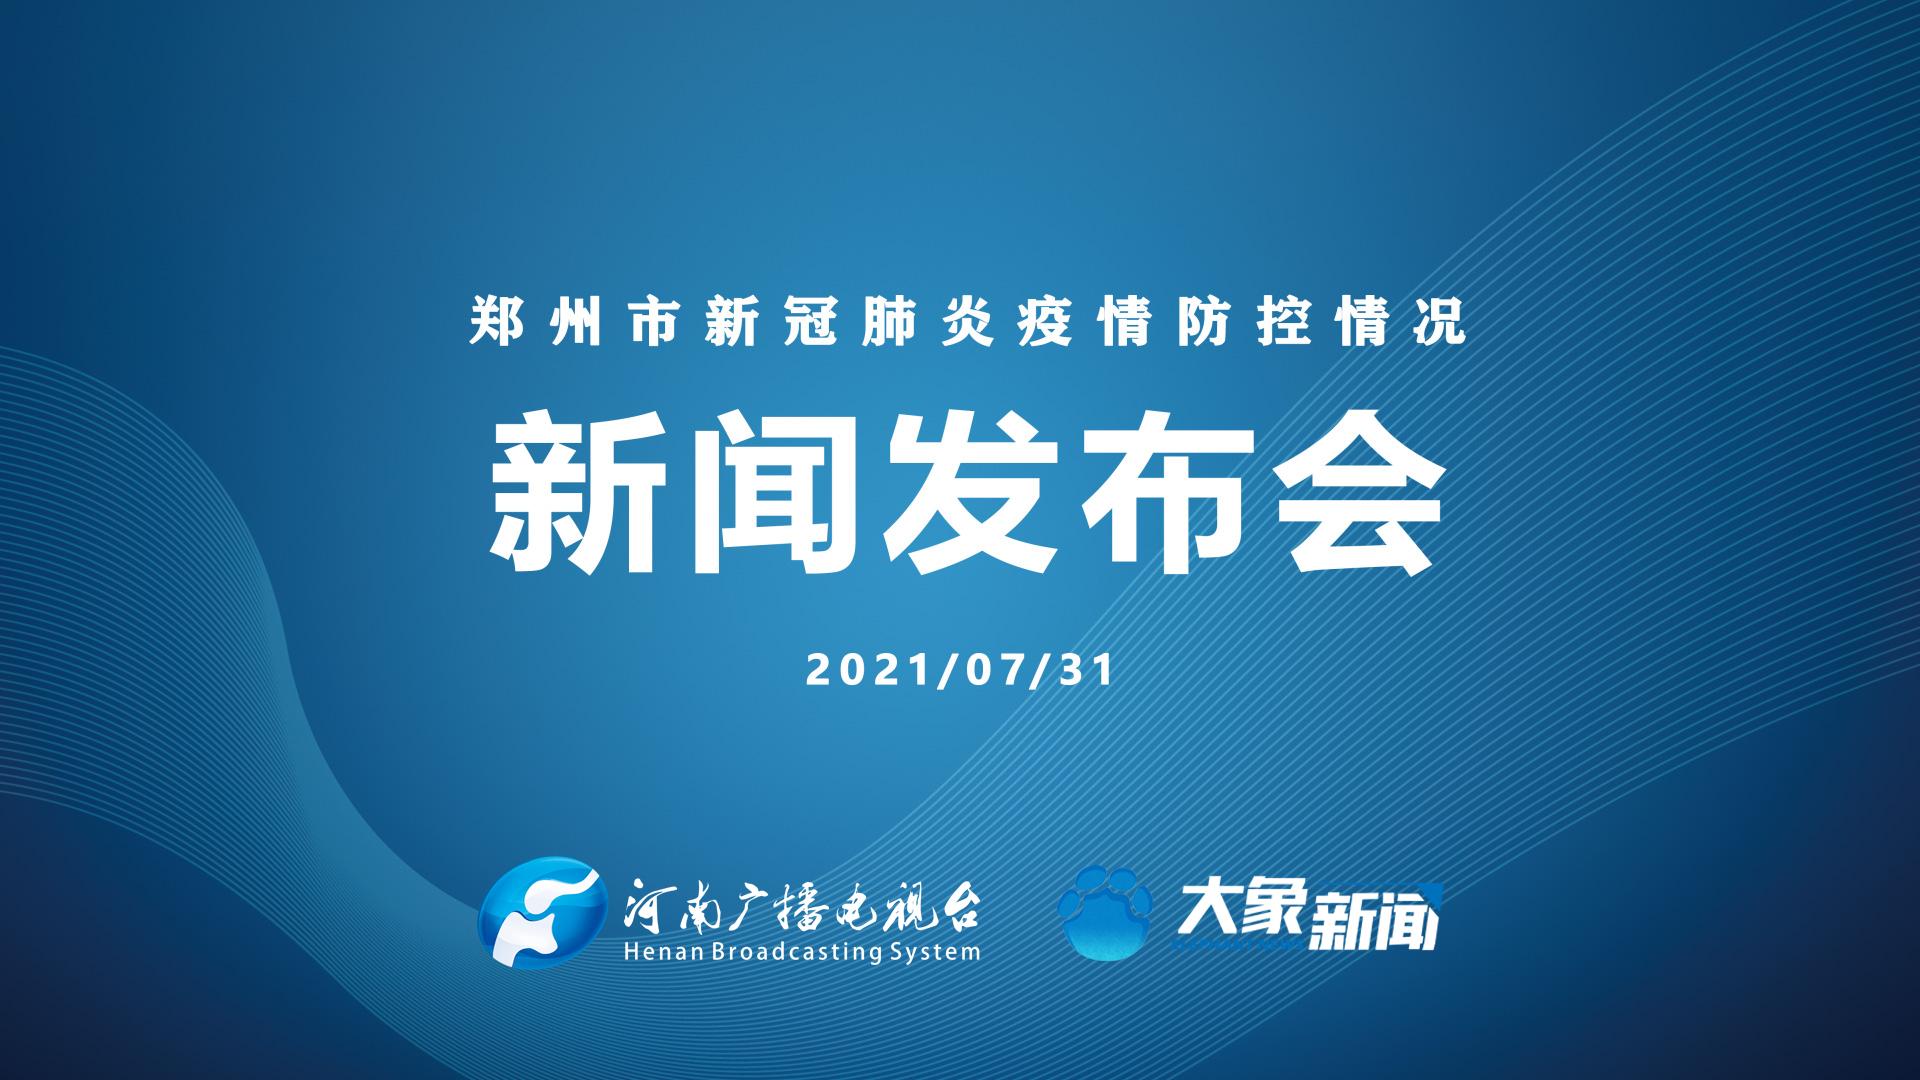 郑州市新冠肺炎疫情防控新闻发布会